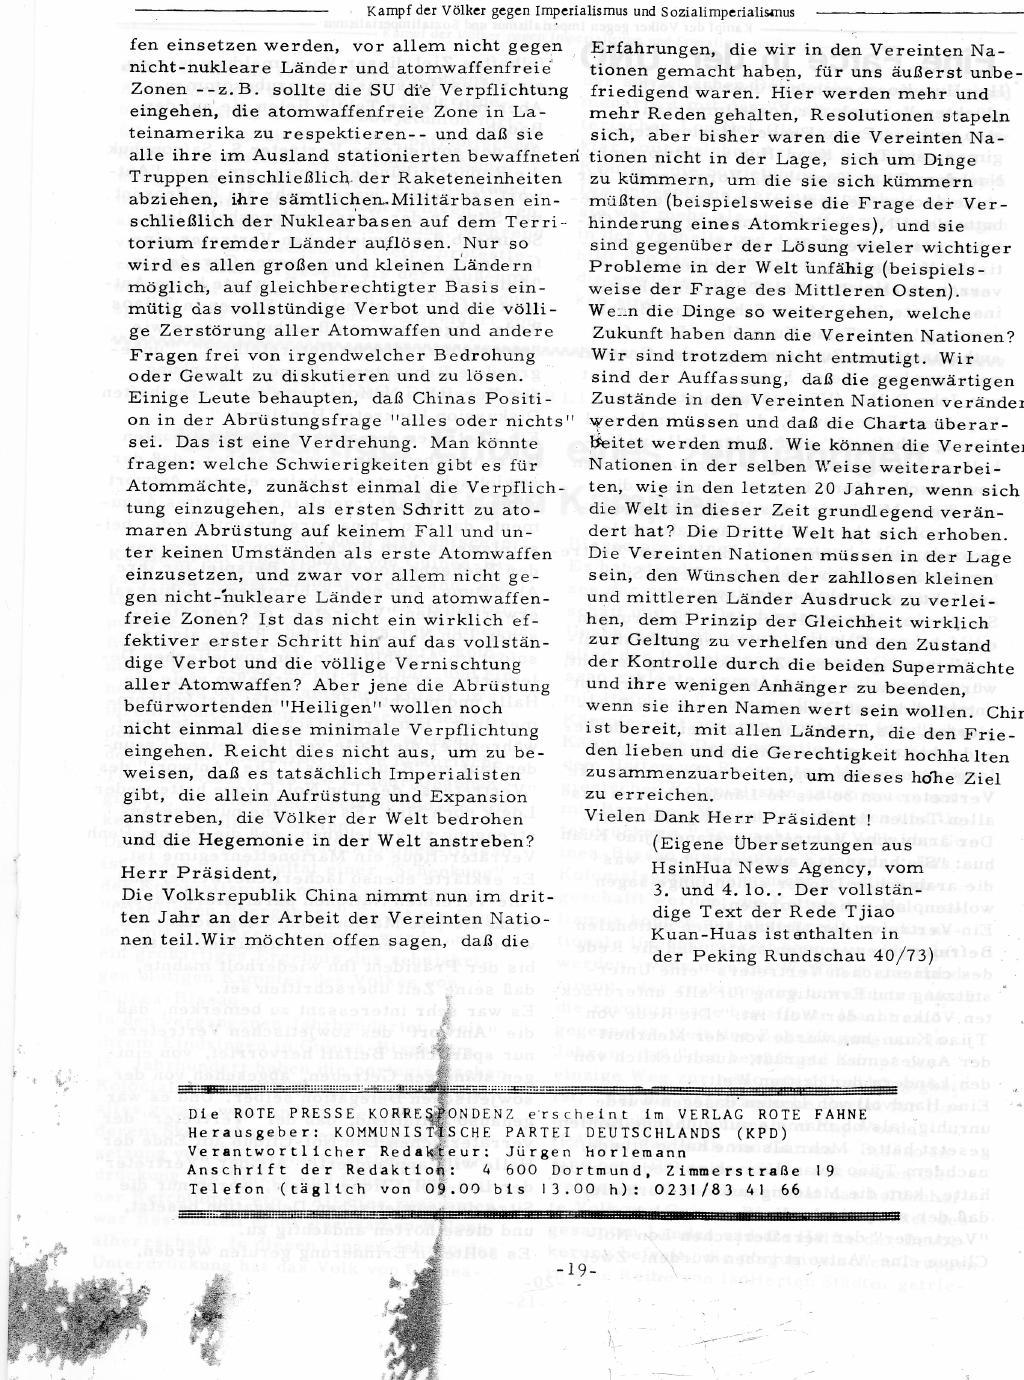 RPK_1973_032_033_19